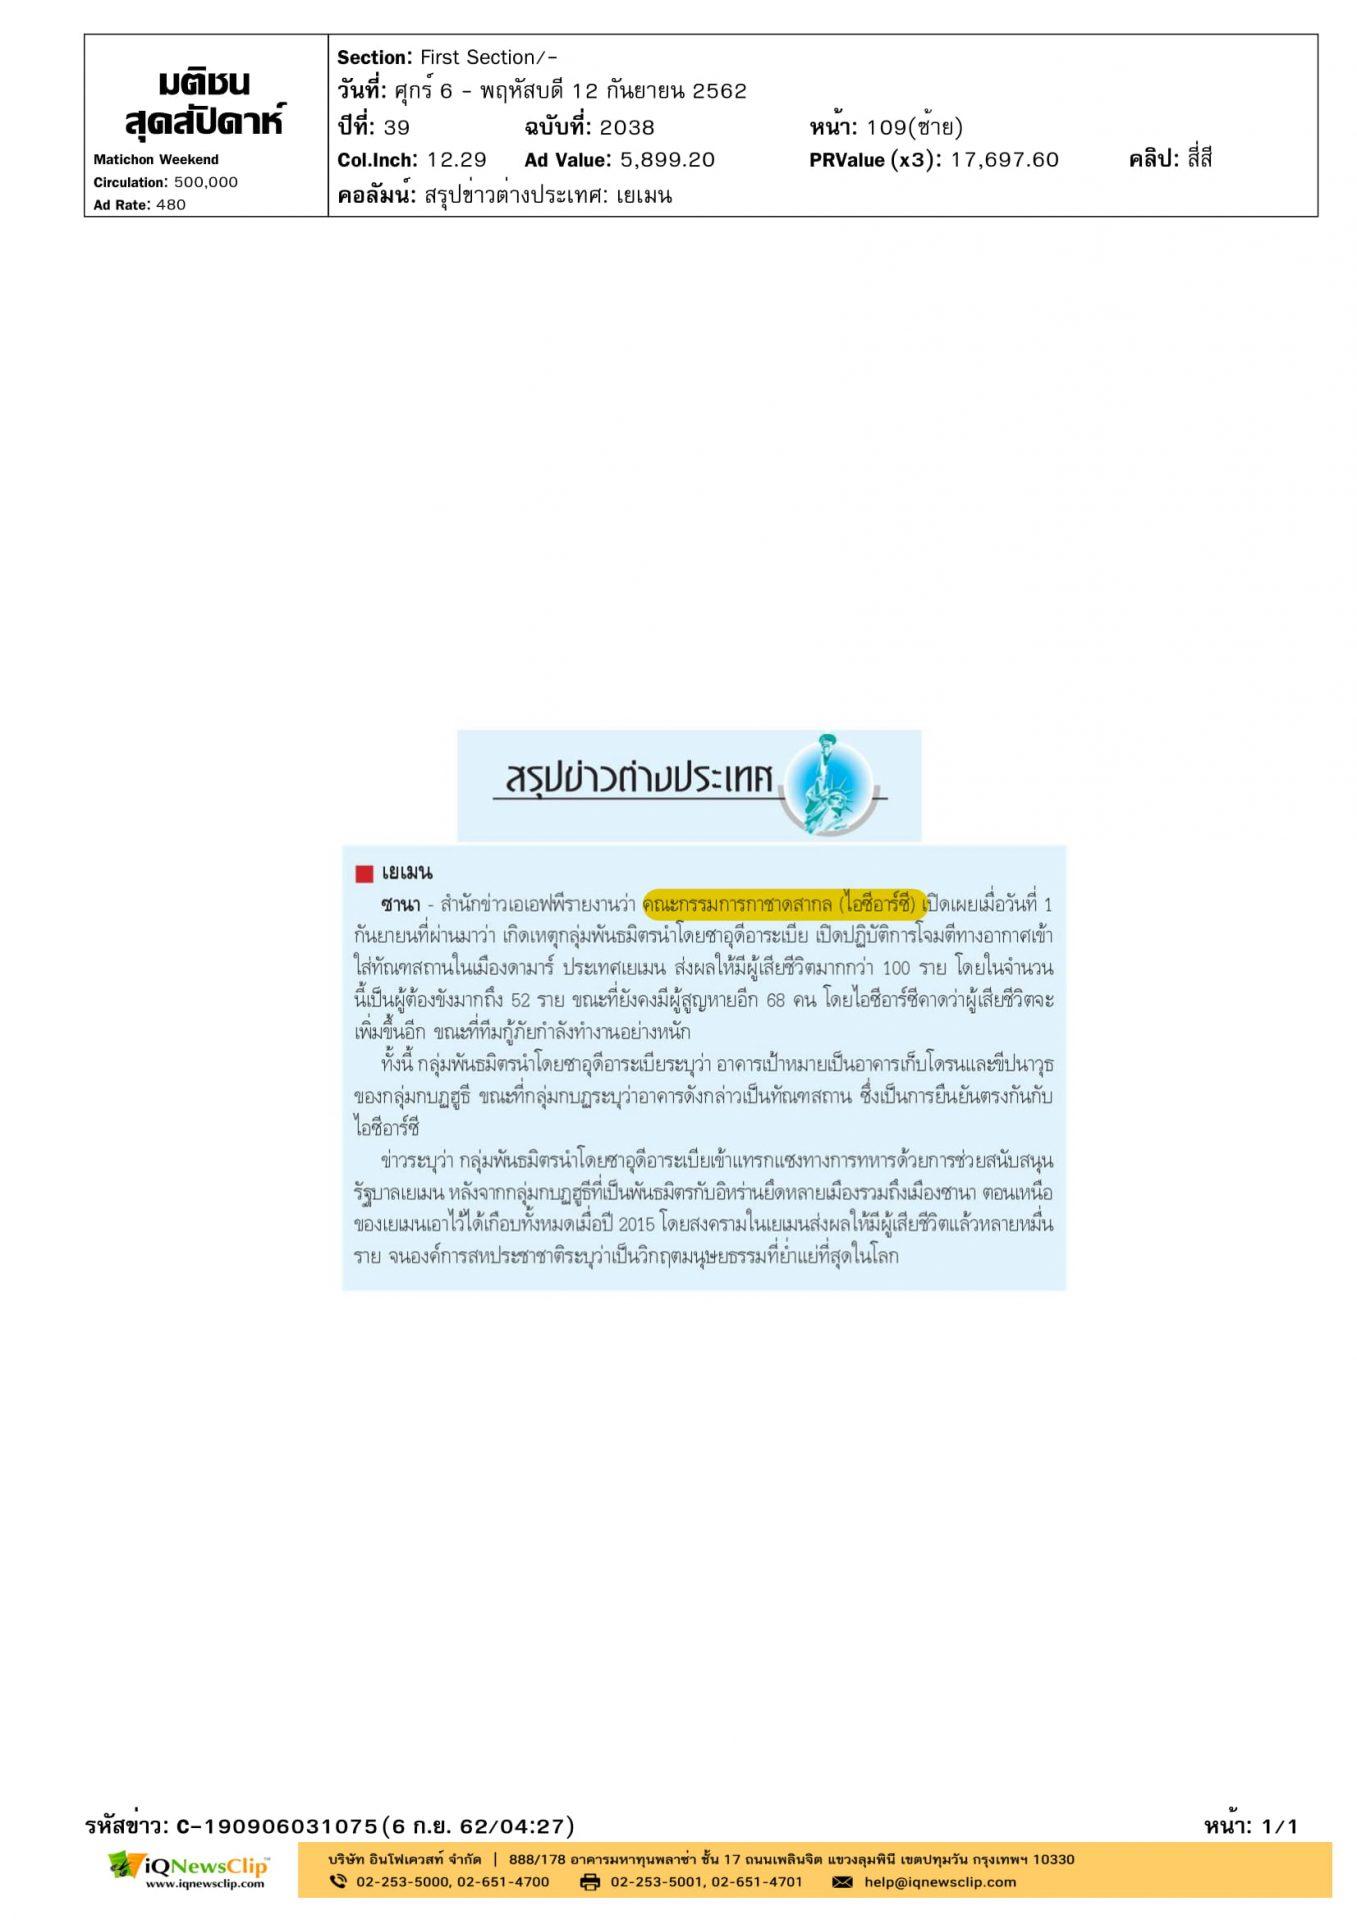 ณะกรรมการกาชาดสากล (ไอซีอาร์ซี) รายงานเหตุโจมตีทางอากาศของประเทศเยเมน